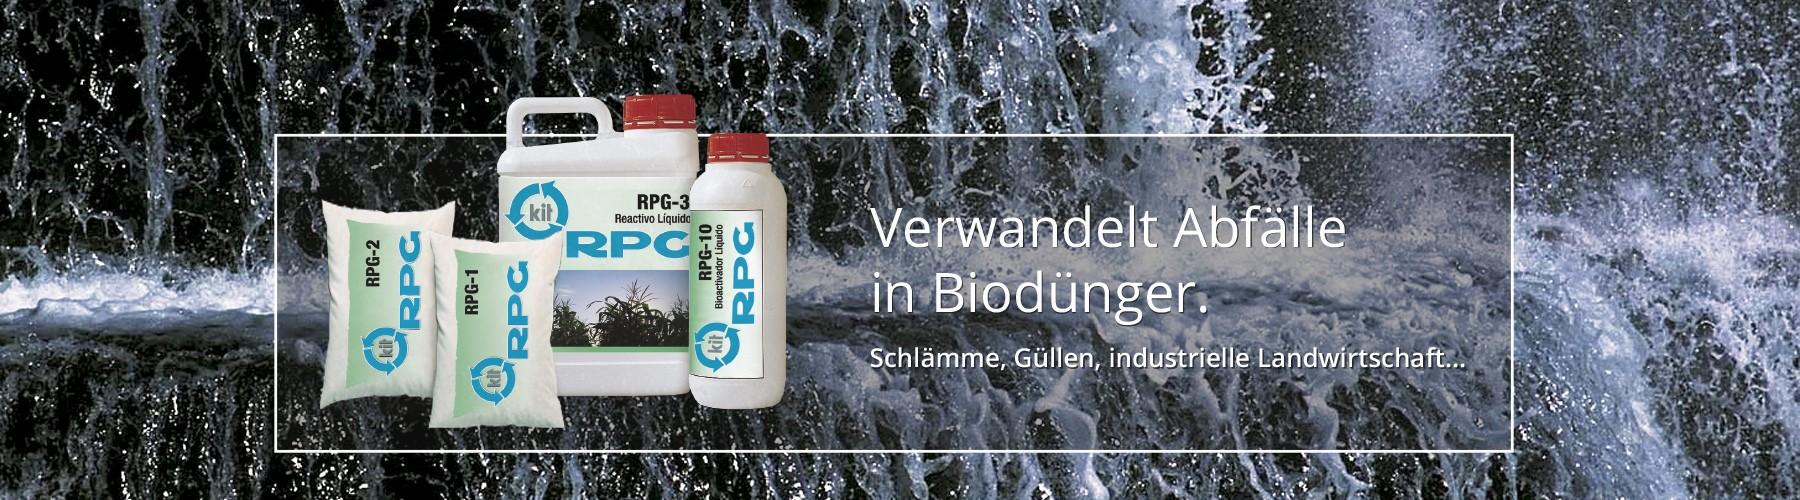 Verwandelt Abfälle in Biodünger